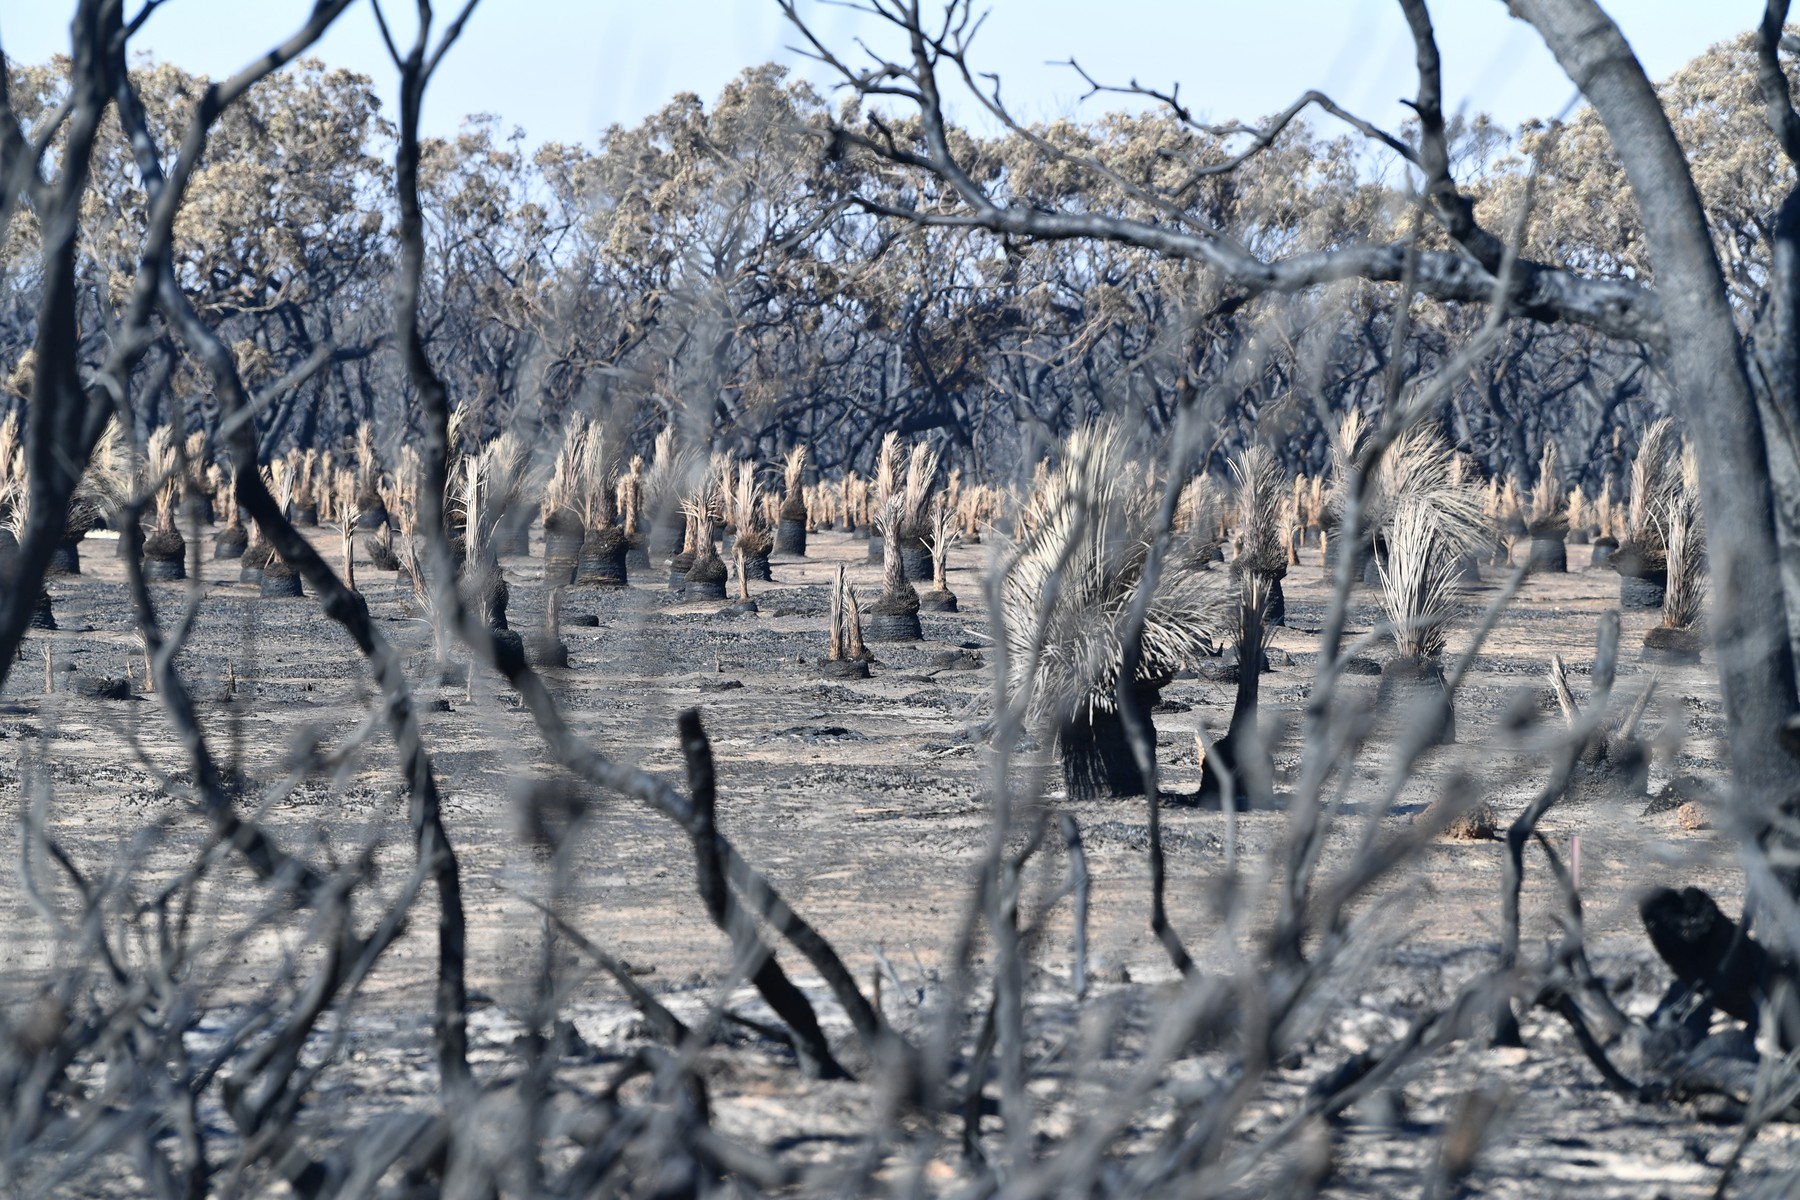 Celkový pohled na poškození ohněm na ostrově Kangaroo v Austrálii, 6. ledna 2020.